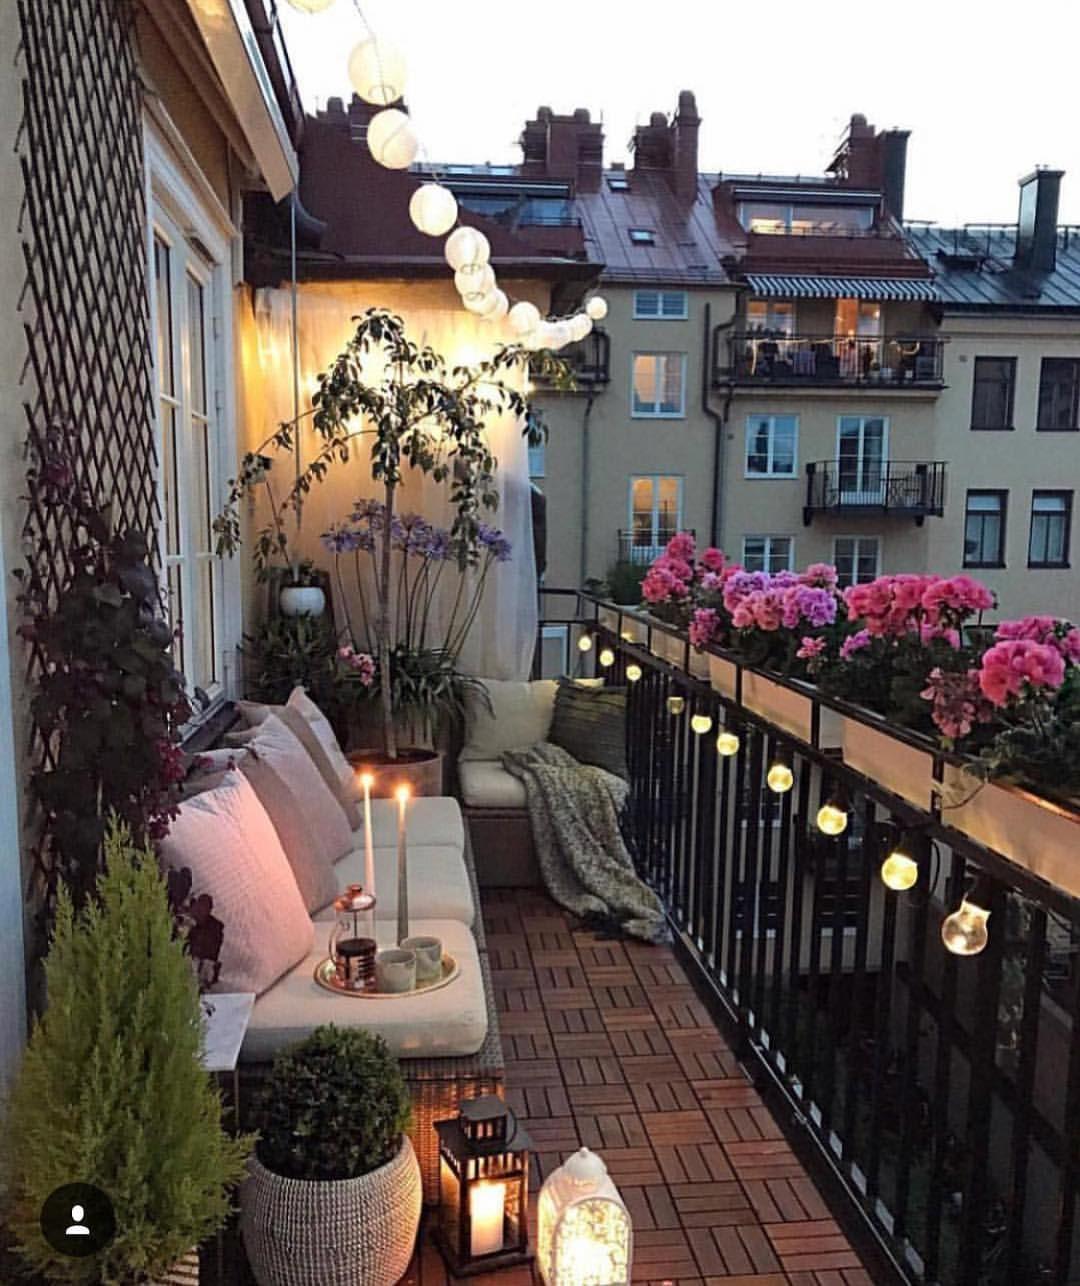 Cicekli Balkon Herkese Mutlu Gunler Birbirinden Guzel Dekorasyon